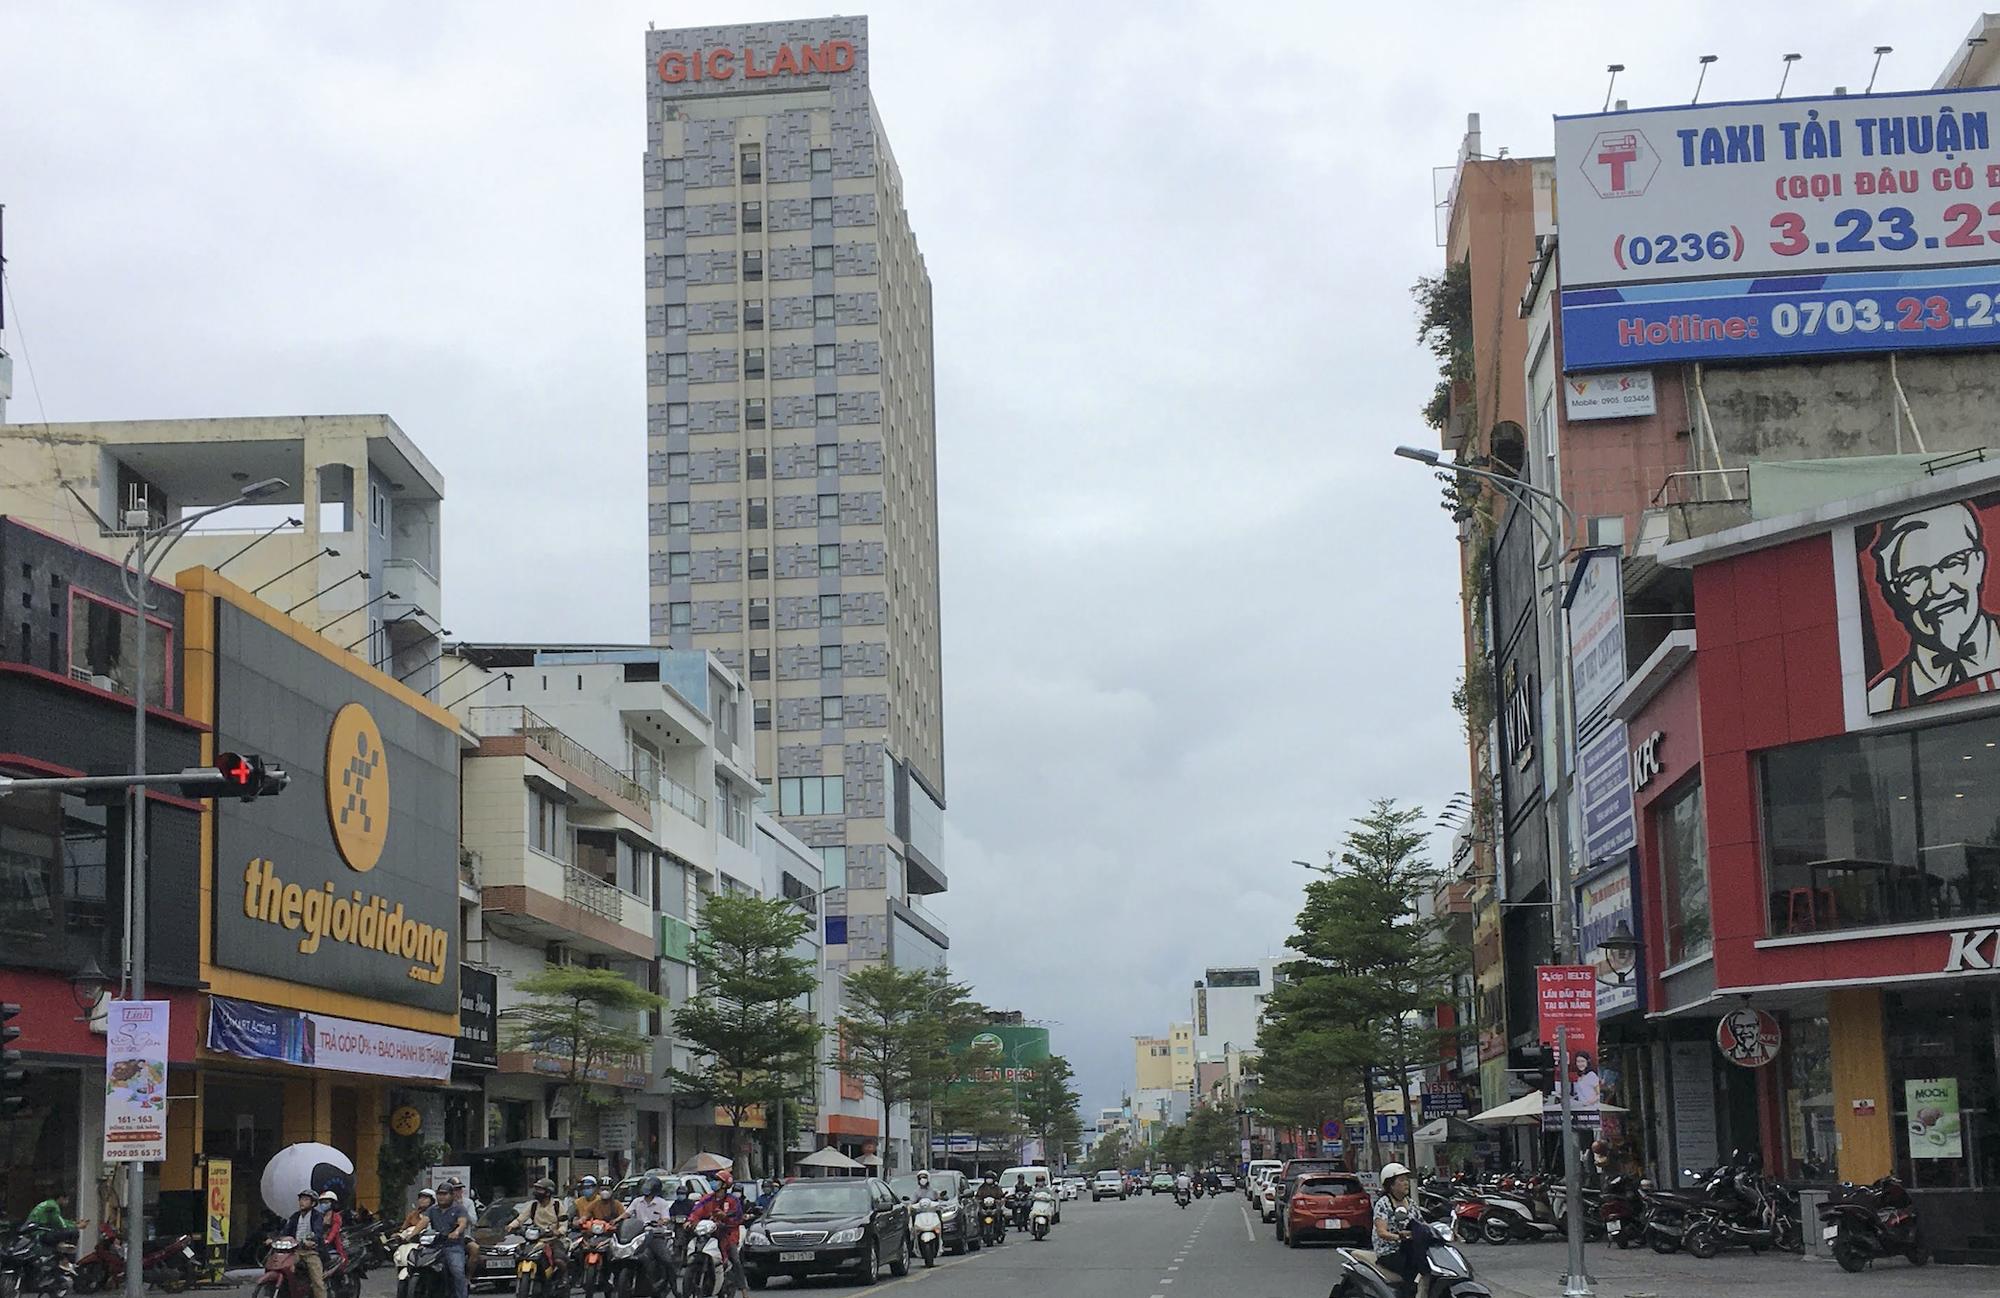 Giá mặt bằng, văn phòng cho thuê ở Đà Nẵng giảm sâu nhưng ít người quan tâm - Ảnh 4.